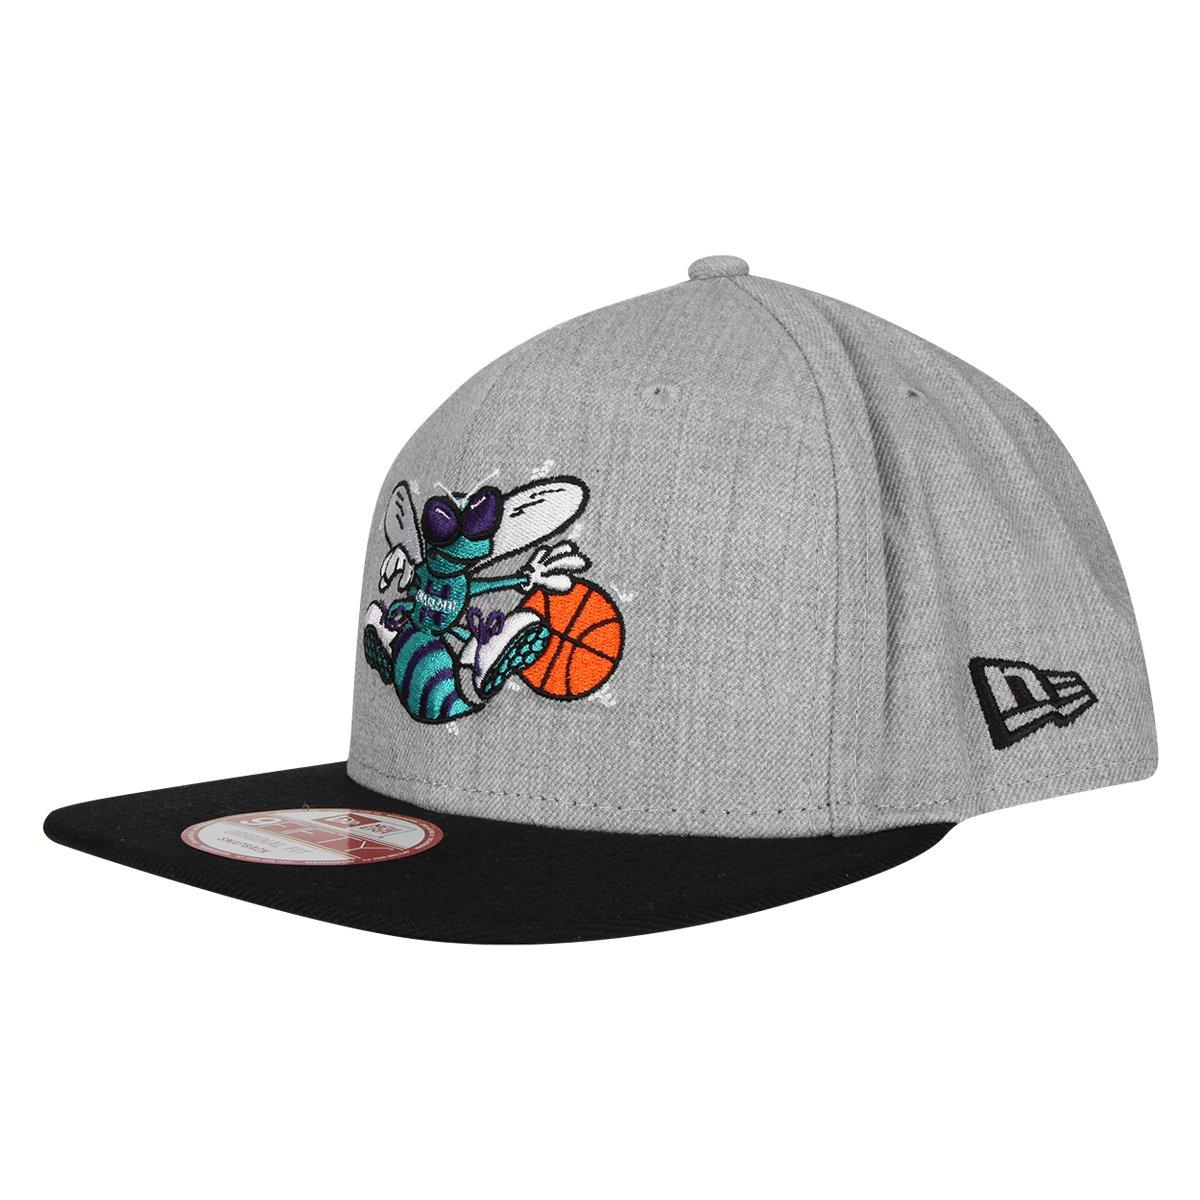 6fc2c3b8cac45 Boné New Era 950 Of Sn NBA Charlotte Hornets - Compre Agora